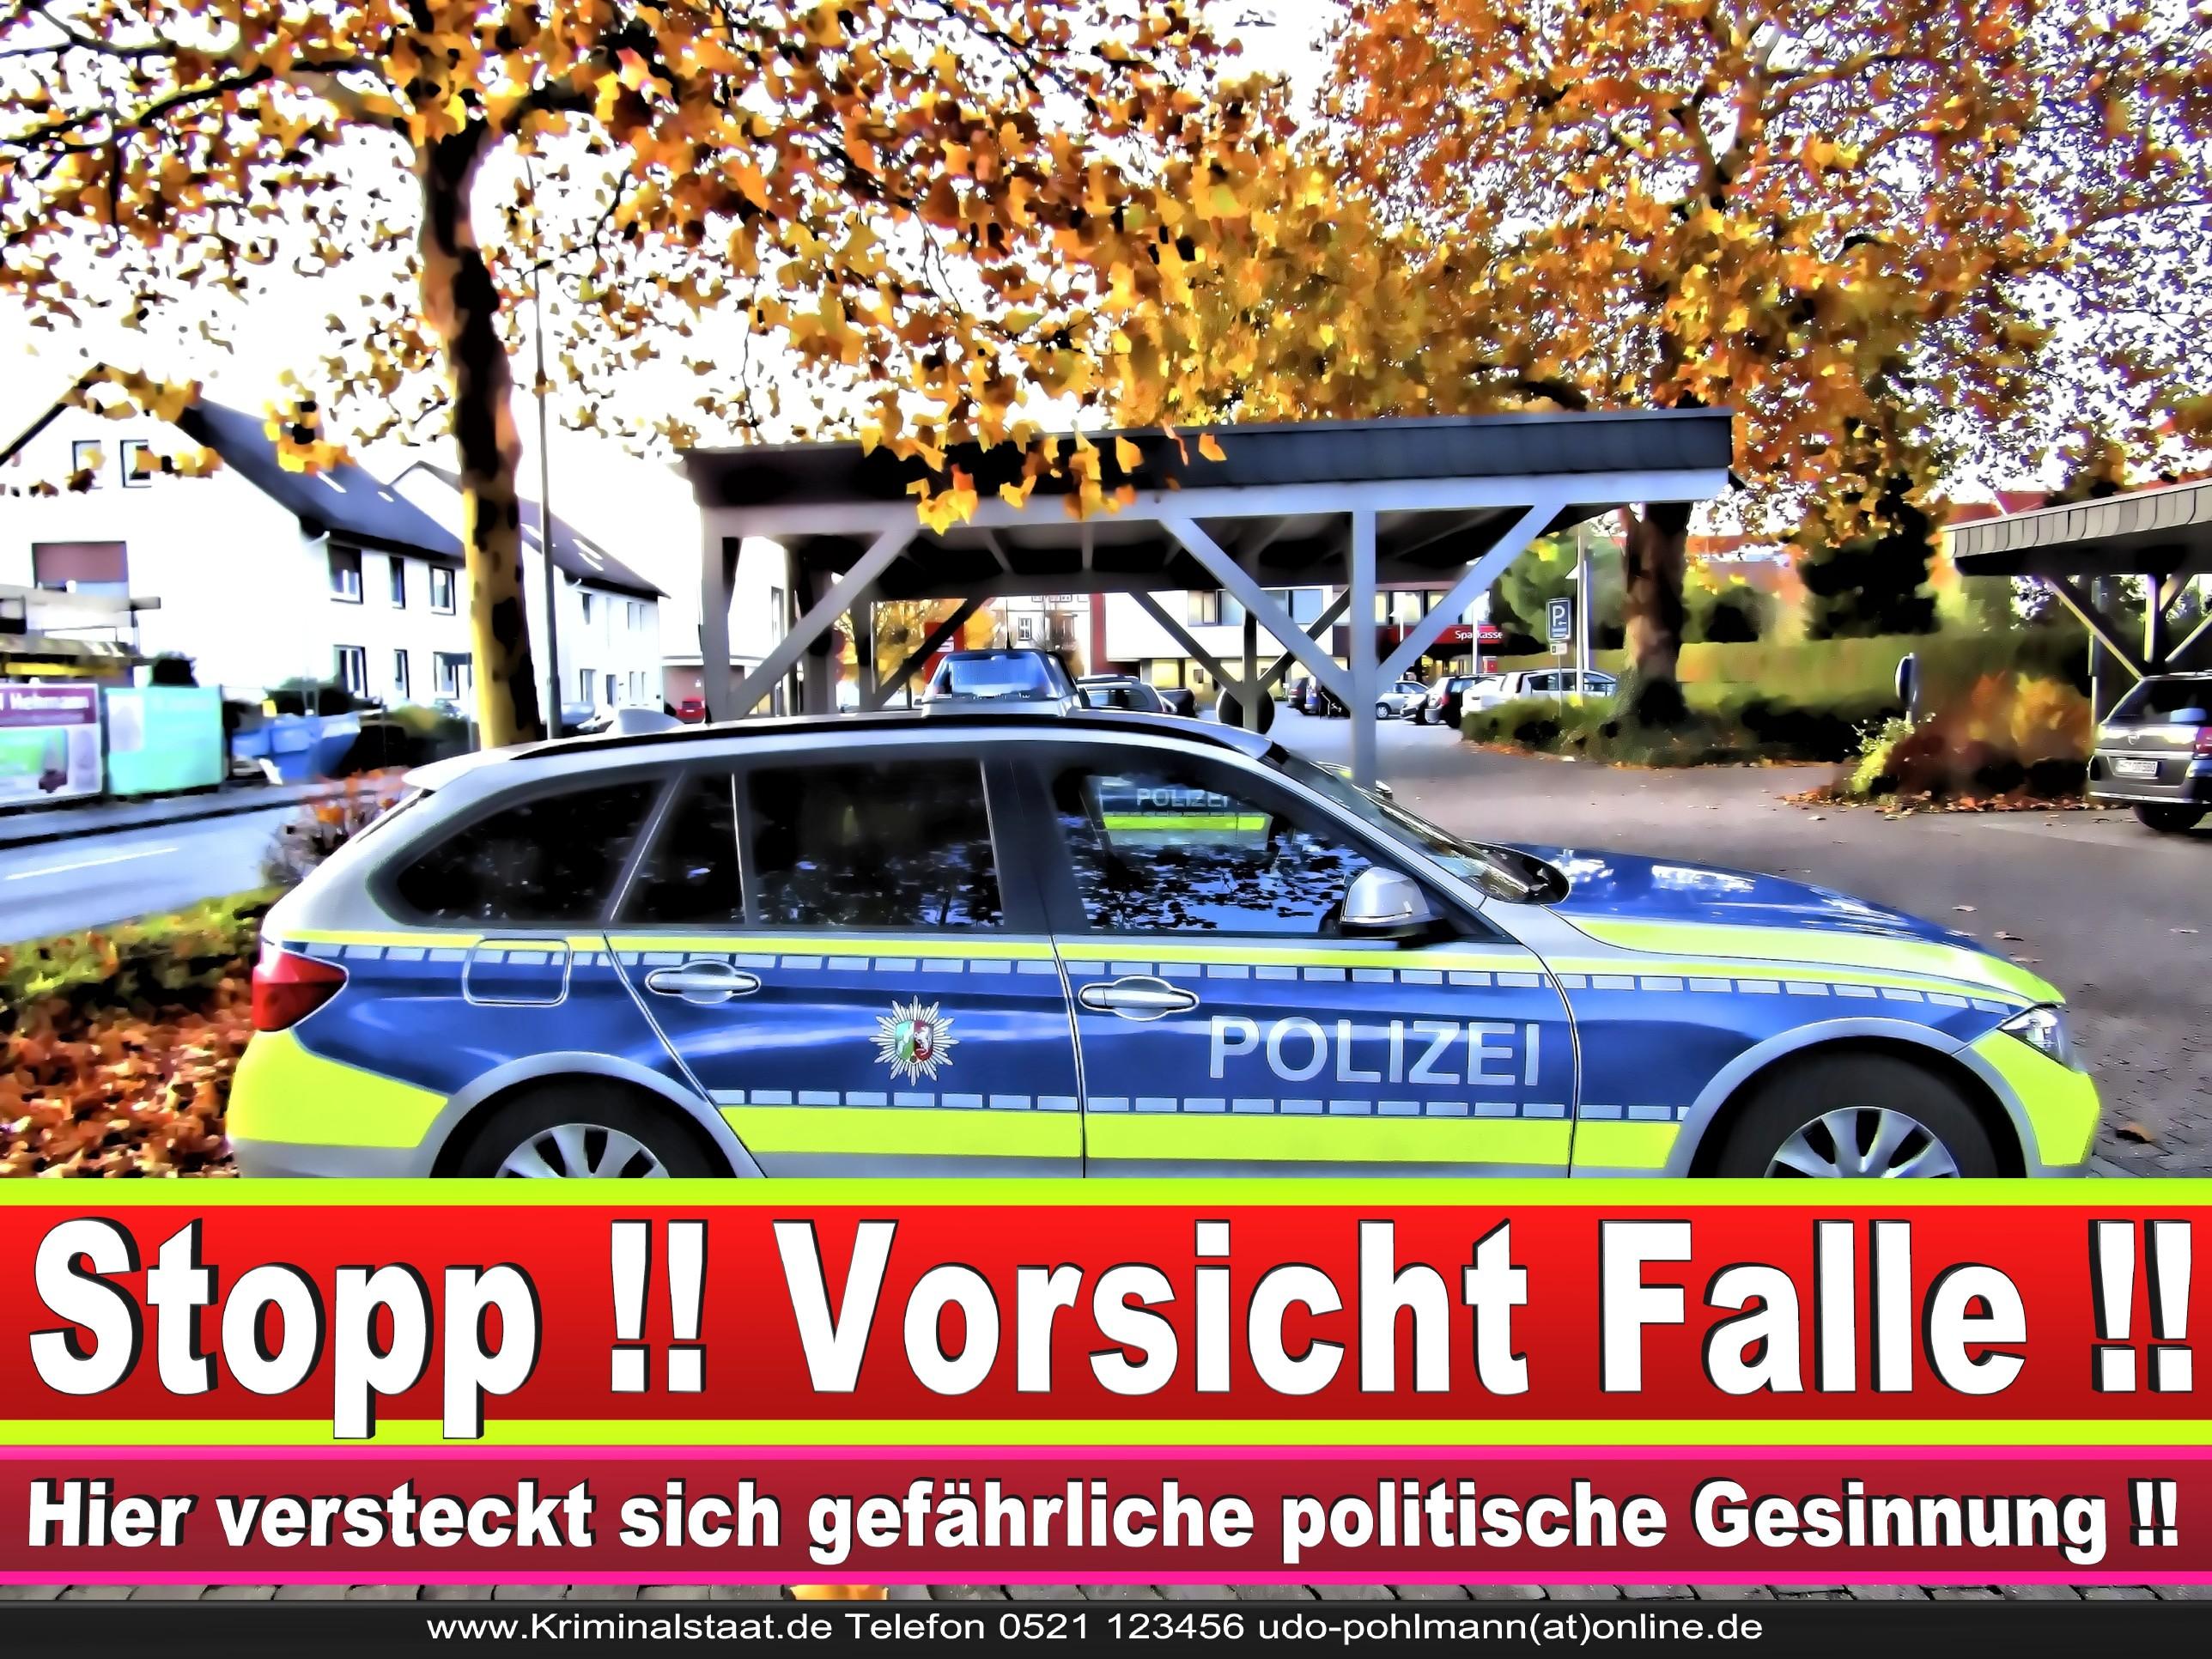 Polizei Halle Westfalen Kättkenstraße 7 33790 Halle Westfalen 4